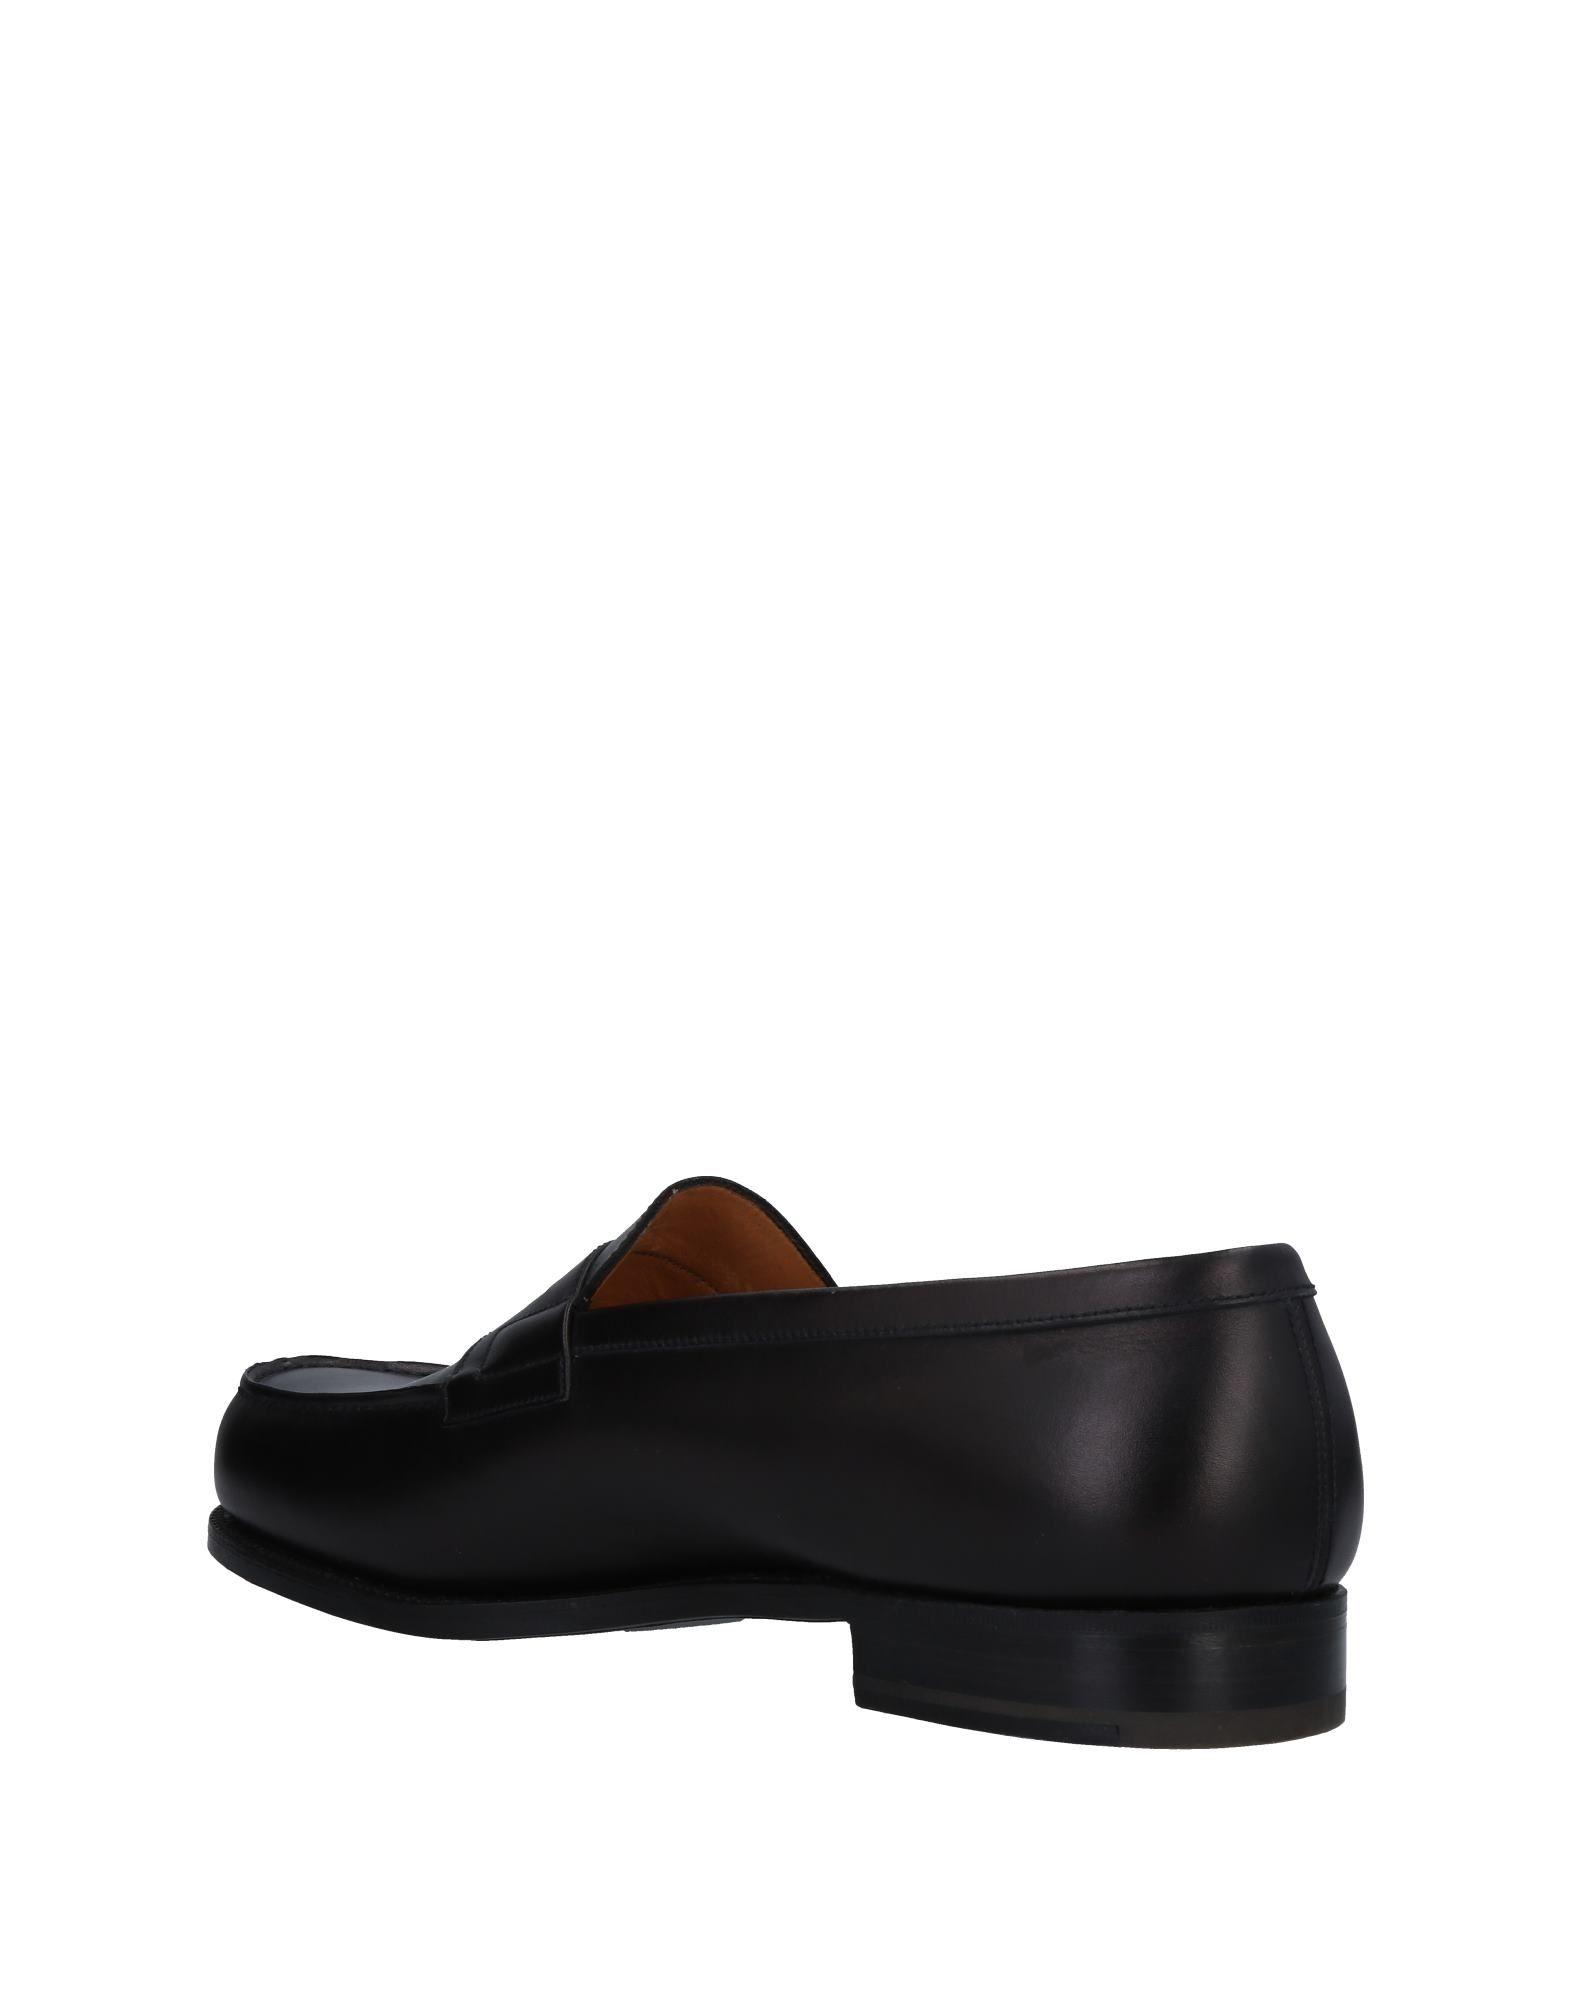 J.M. Weston Herren Mokassins Herren Weston  11455123AJ Neue Schuhe fe4131